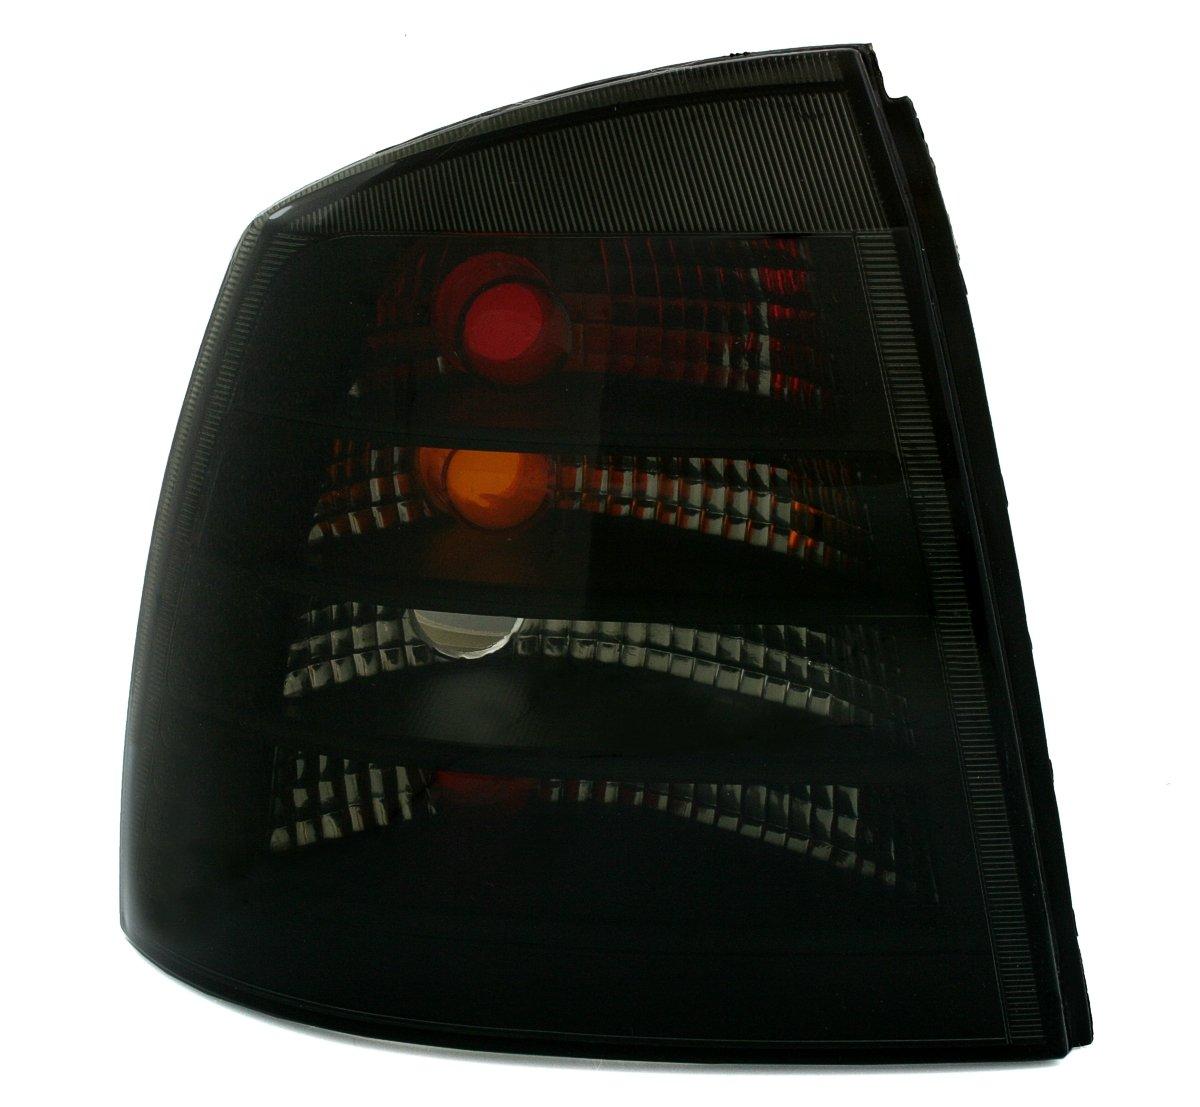 Faros de AD Tuning GmbH /& Co Faros Traseros KG 960074 de Cristal Transparente Negros